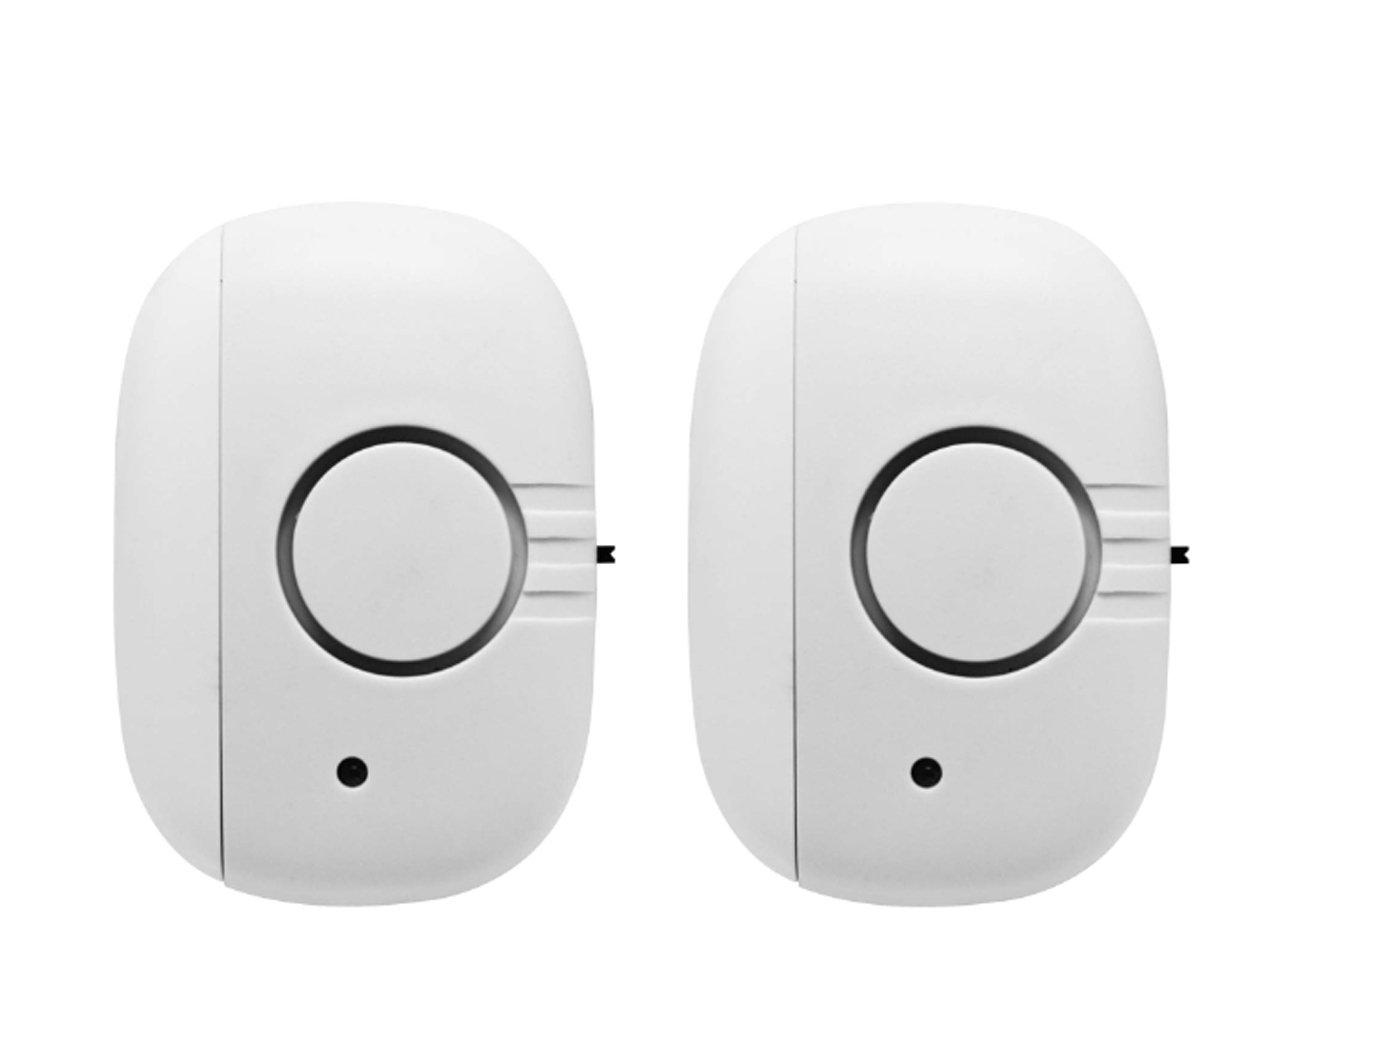 GAO RF302DAx2 G-Homa WiFi-Fensterkontakt Everflourish Ltd.